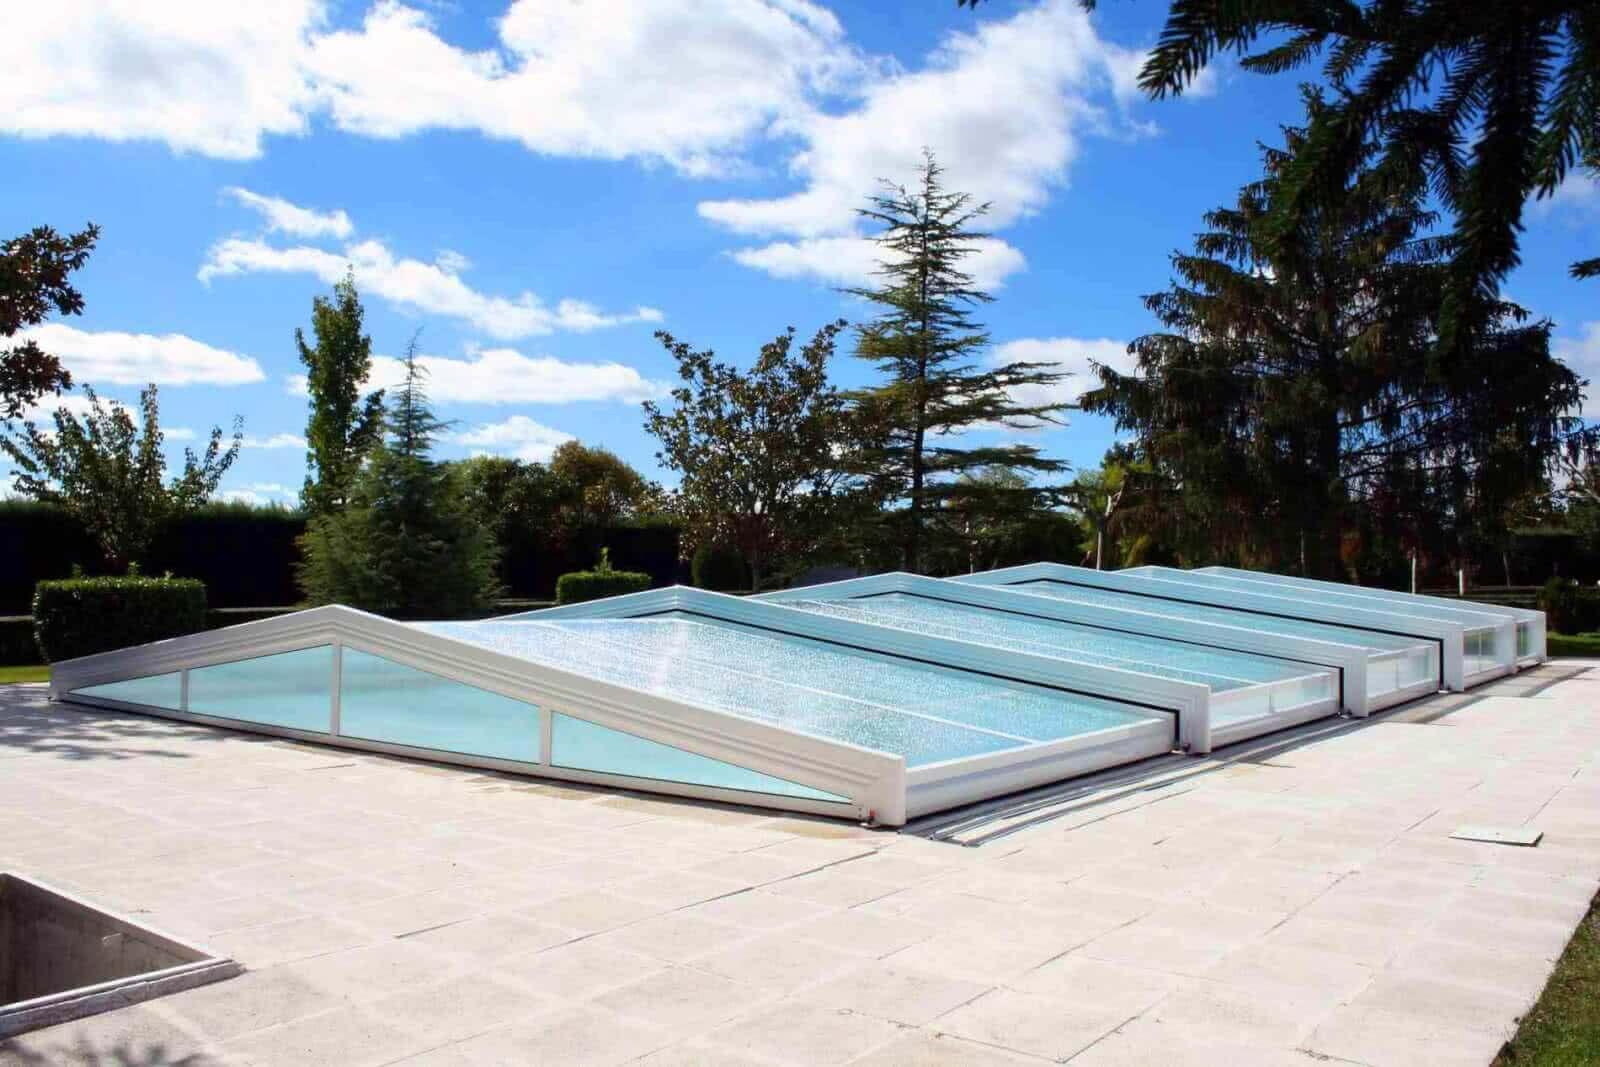 Cubiertas de piscinas personalizadas tecnyvan for Piscinas fabricantes